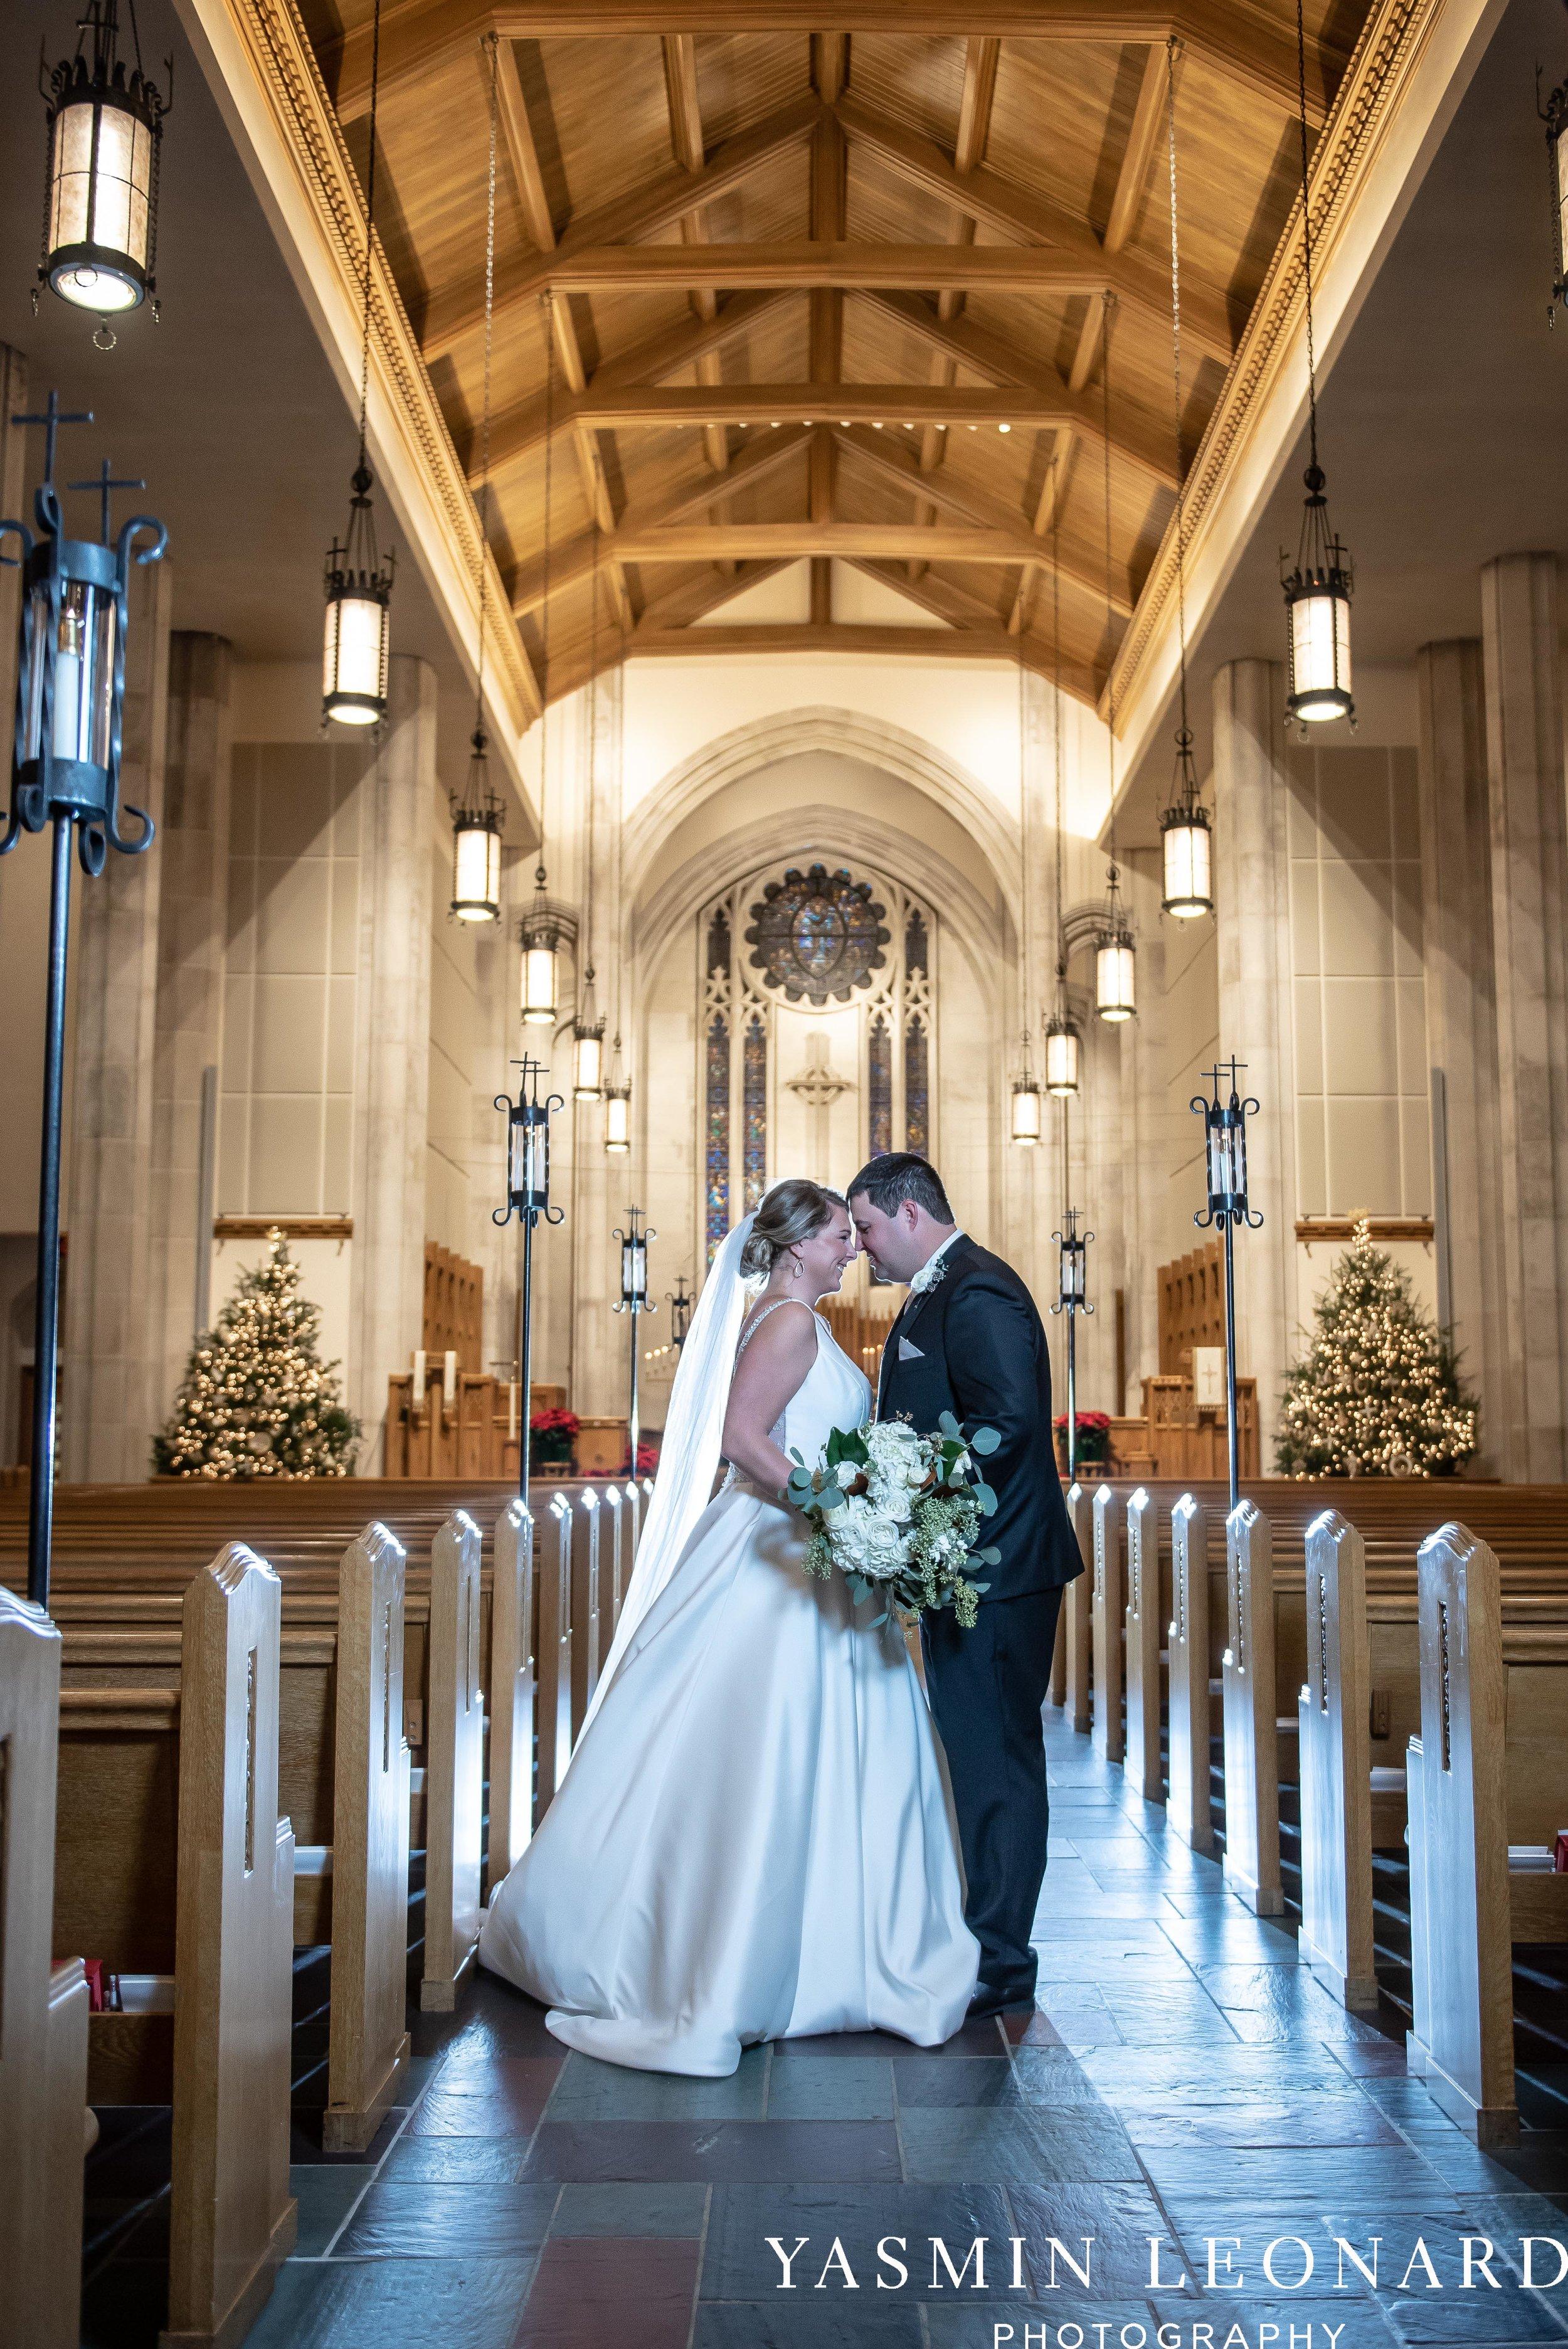 Adaumont Farm - Wesley Memorial Weddings - High Point Weddings - Just Priceless - NC Wedding Photographer - Yasmin Leonard Photography - High Point Wedding Vendors-45.jpg